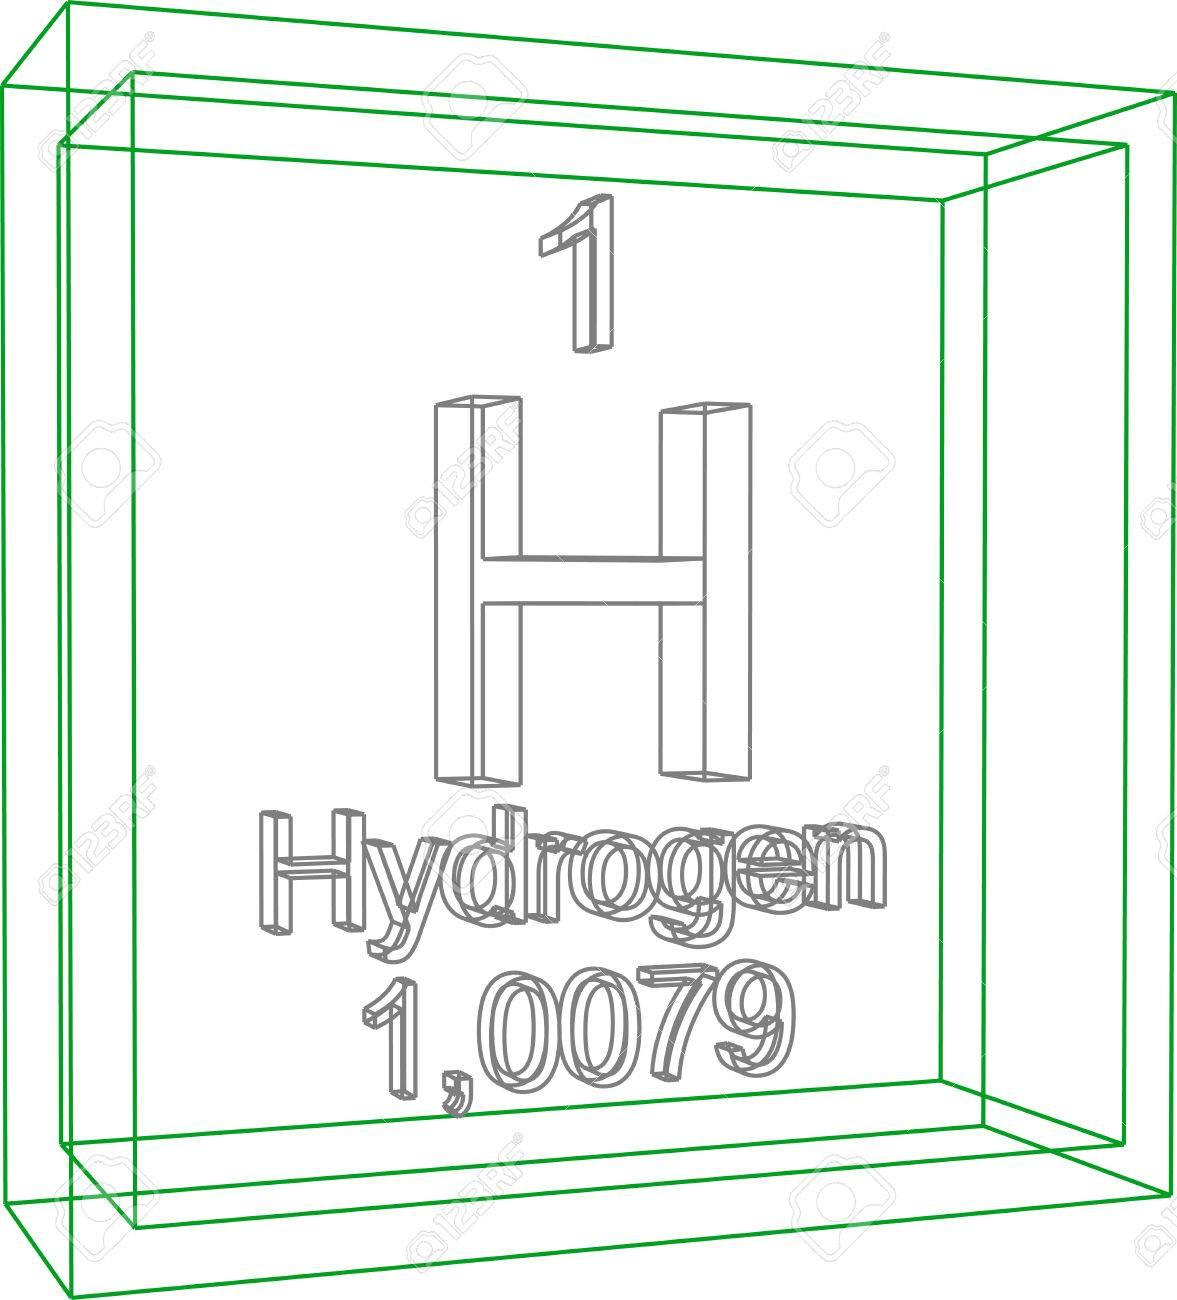 Tabla peridica de los elementos el hidrgeno ilustraciones foto de archivo tabla peridica de los elementos el hidrgeno urtaz Choice Image